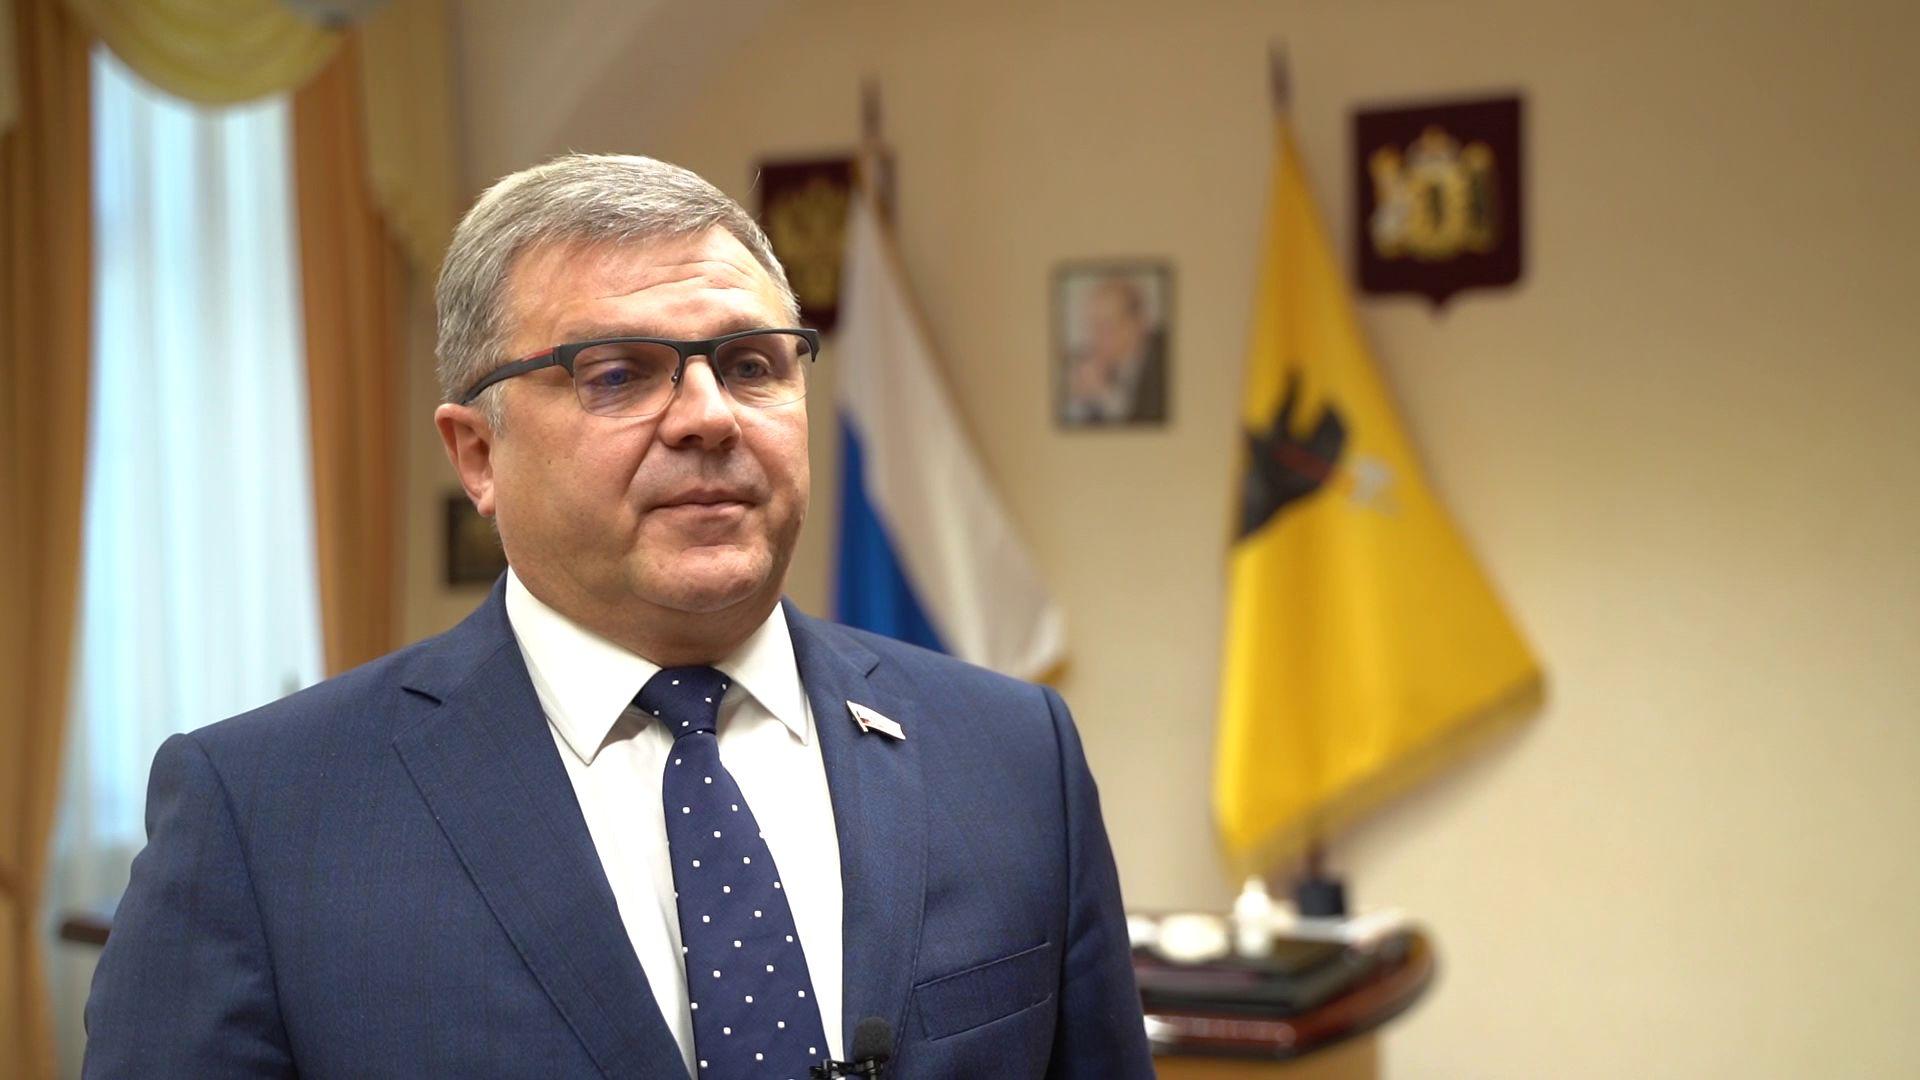 Алексей Константинов: «Основной принцип нашей работы – слышать людей и решать их проблемы»